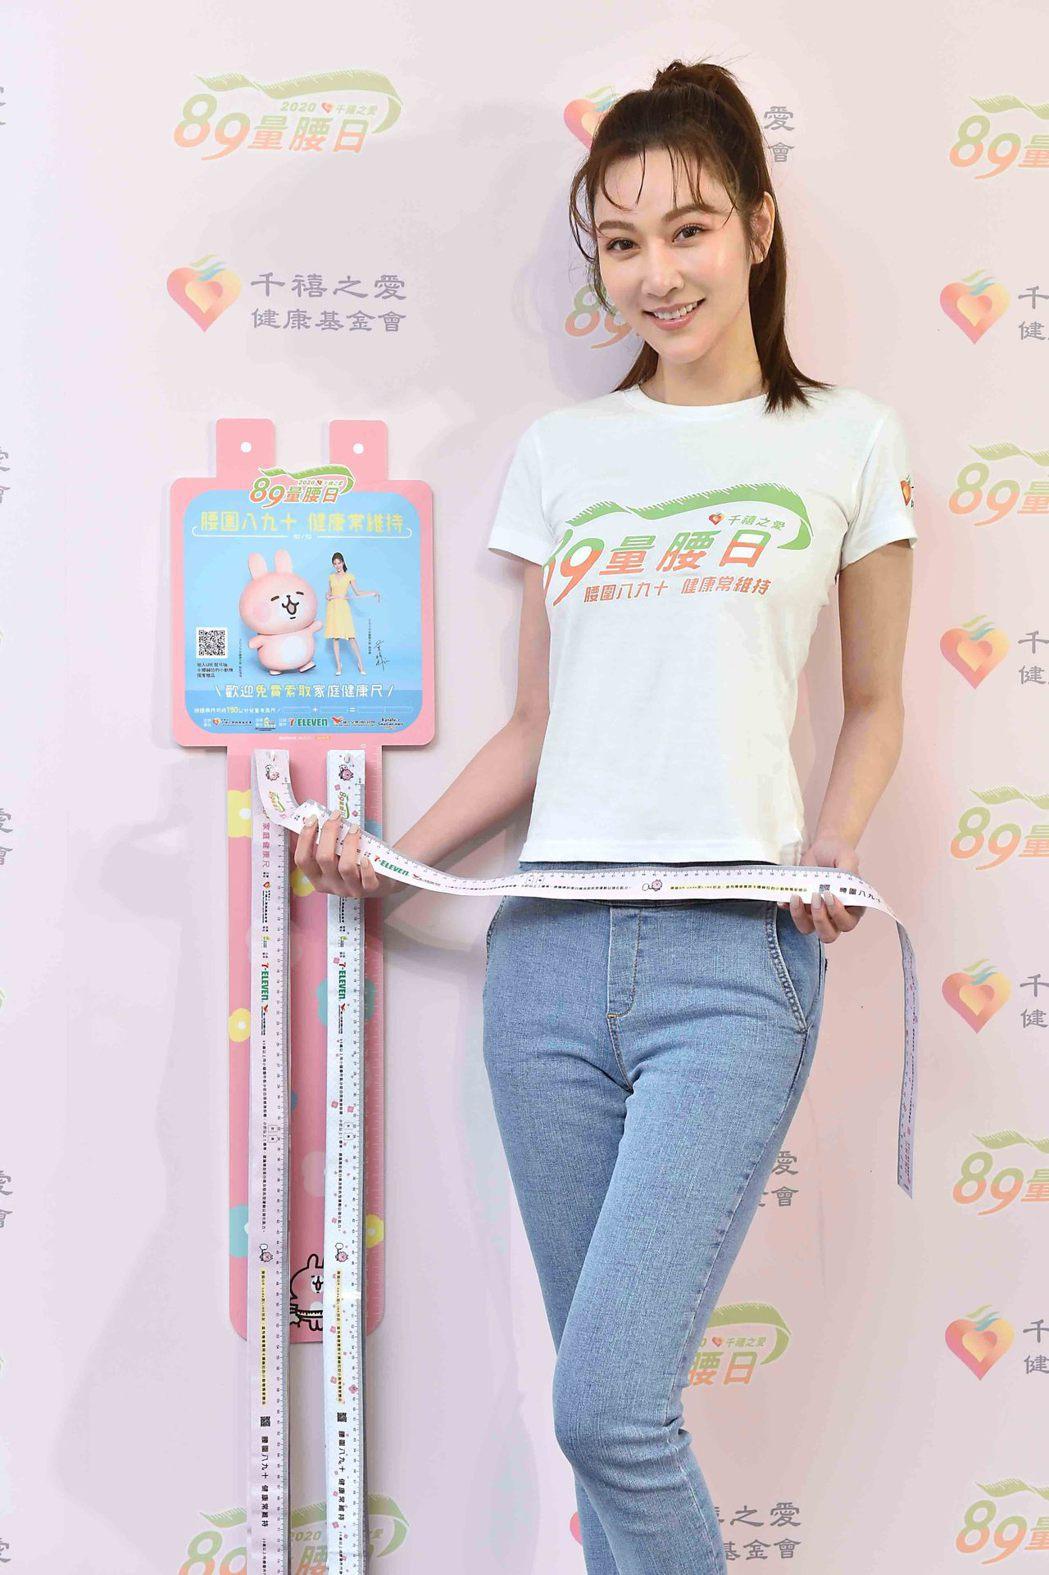 曾莞婷為「千禧之愛89量腰日」擔任健康大使。圖/利眾公關提供